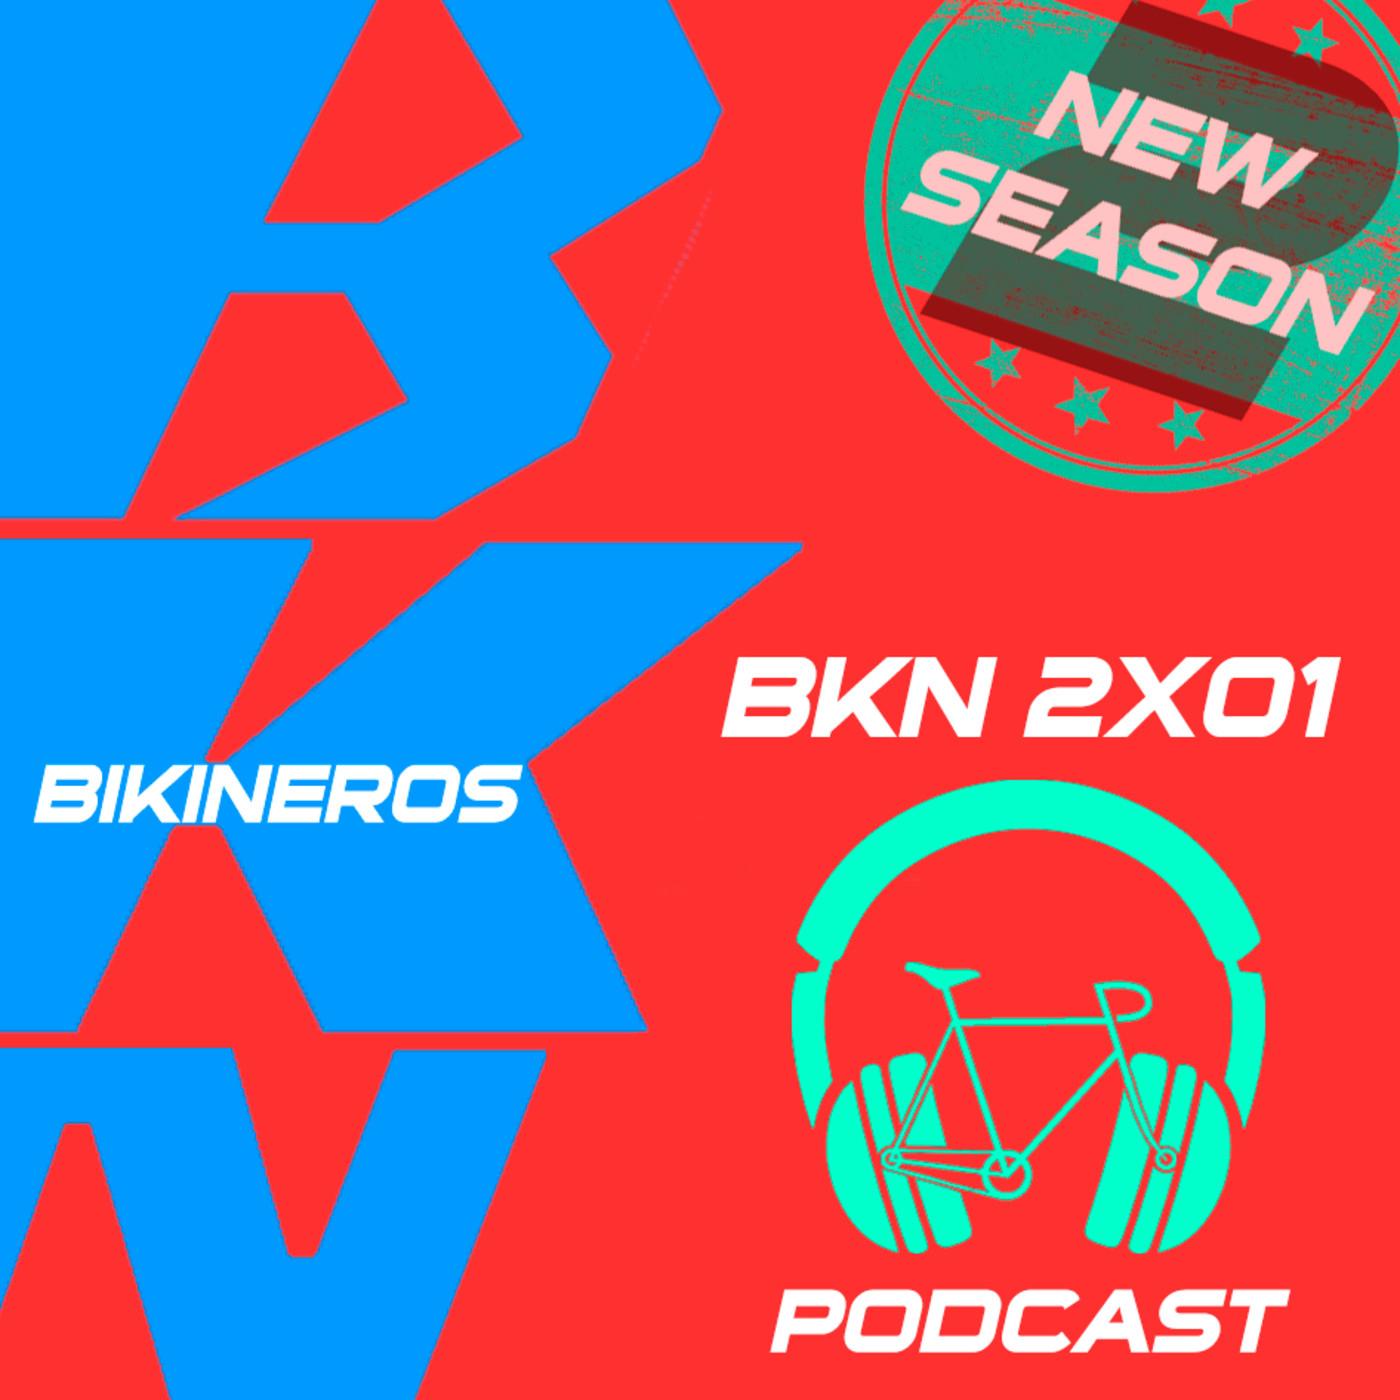 BKN 2x01: Comprando una bici de alta gama. SORTEO Believe.app. Primer duatlón. Movidas de perros